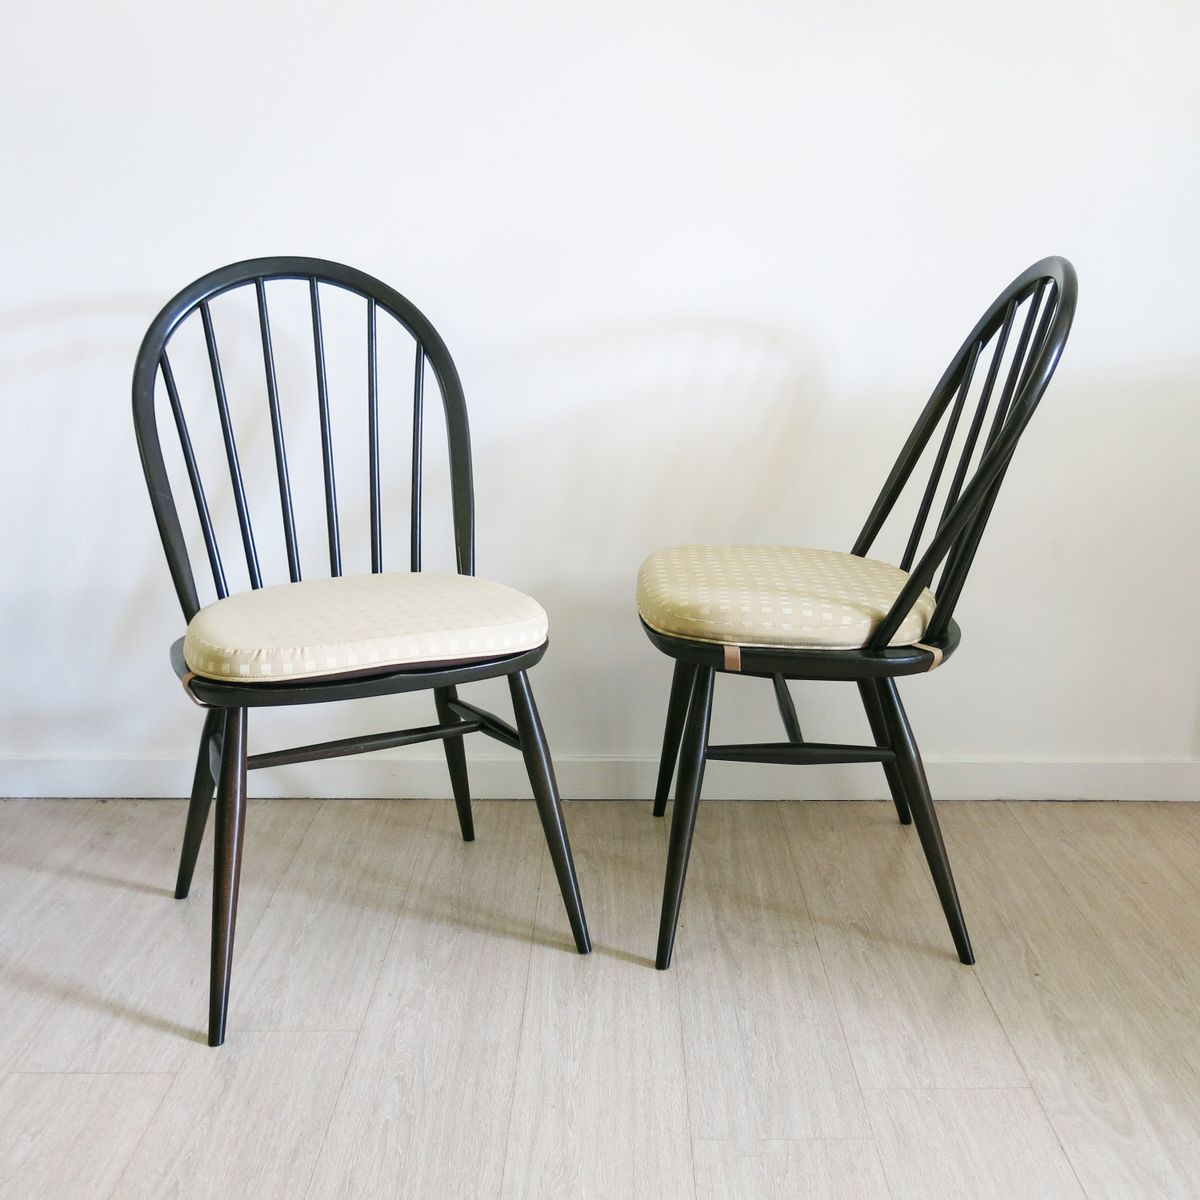 windsor st hle von lucian ercolani f r ercol 1970er 2er. Black Bedroom Furniture Sets. Home Design Ideas